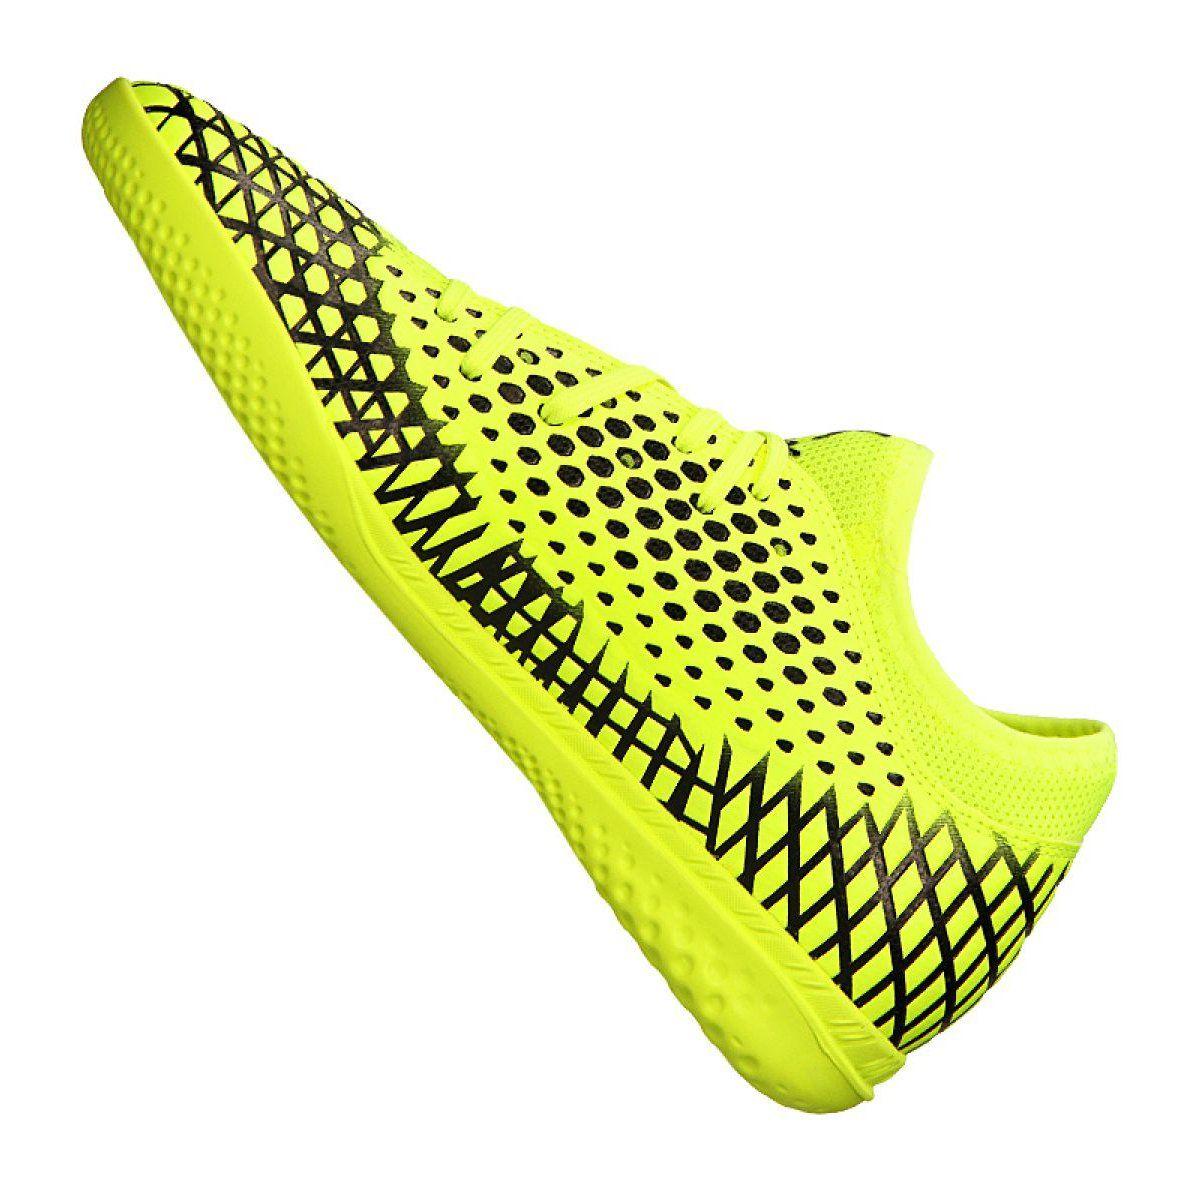 Indoor Football Sport Puma Puma Future 4 4 It M 105691 03 Football Boots Yellow Yellow Football Boots Junior Shoes Boots